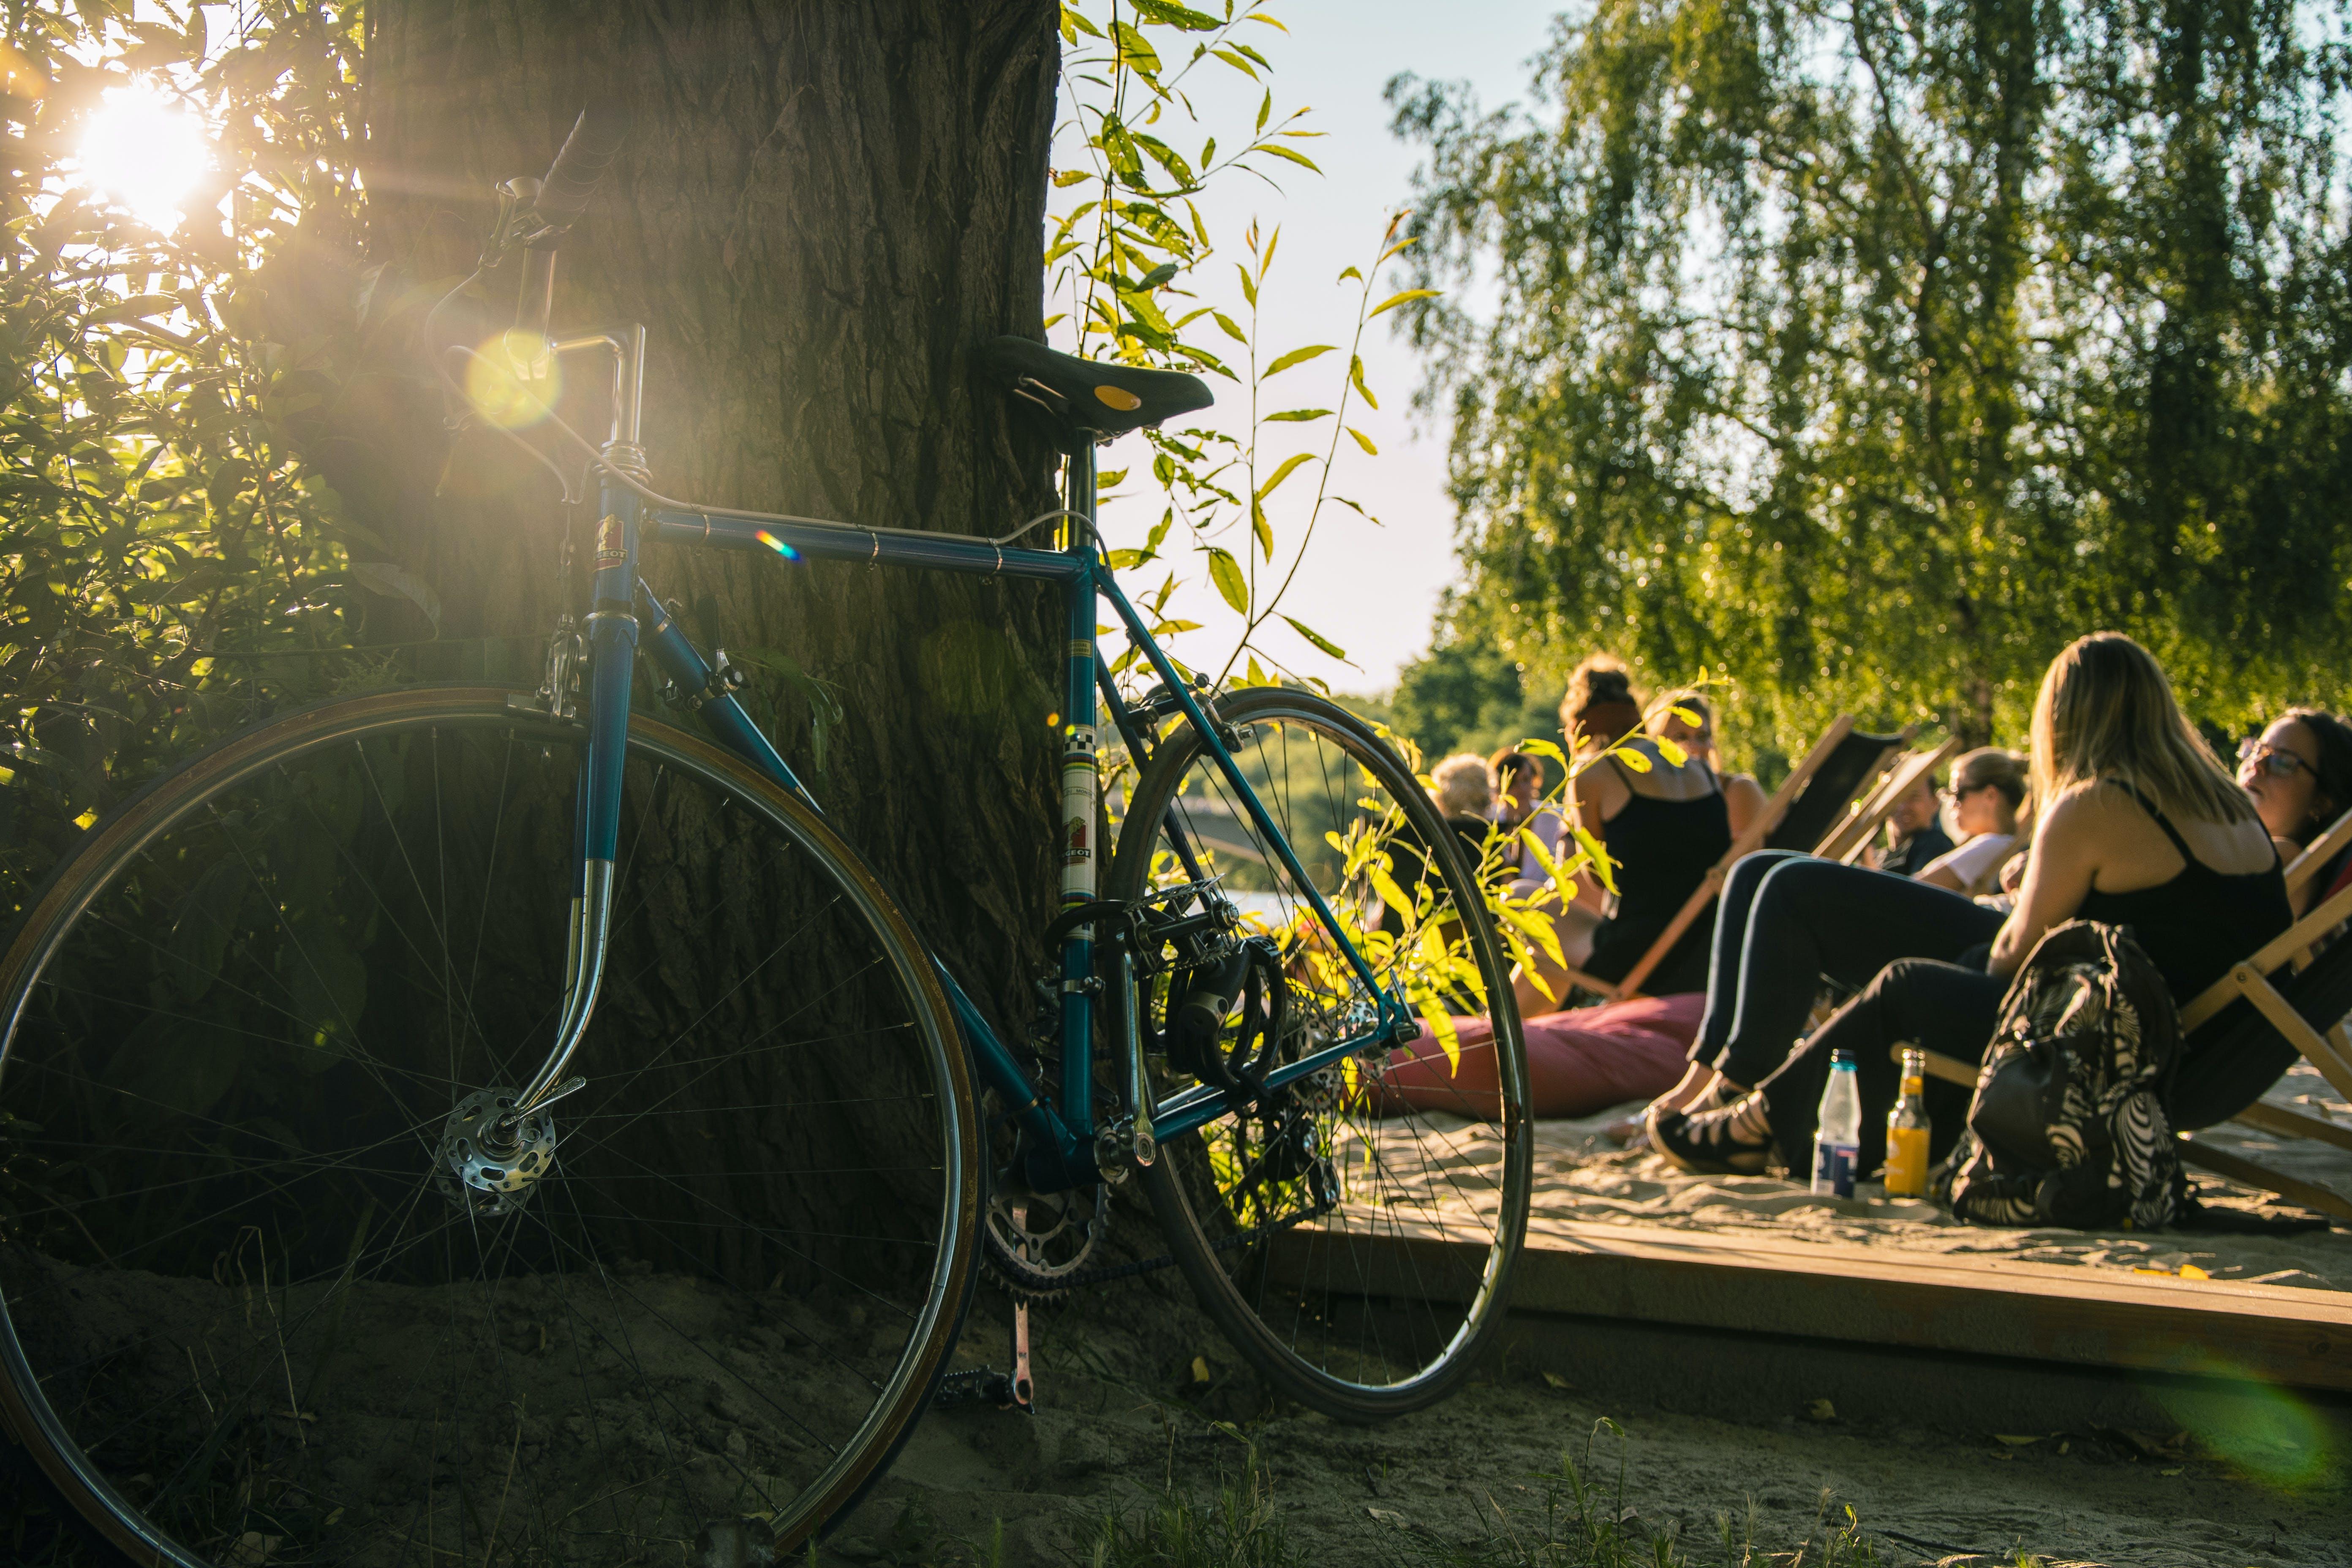 велосипед, девочки, девушки